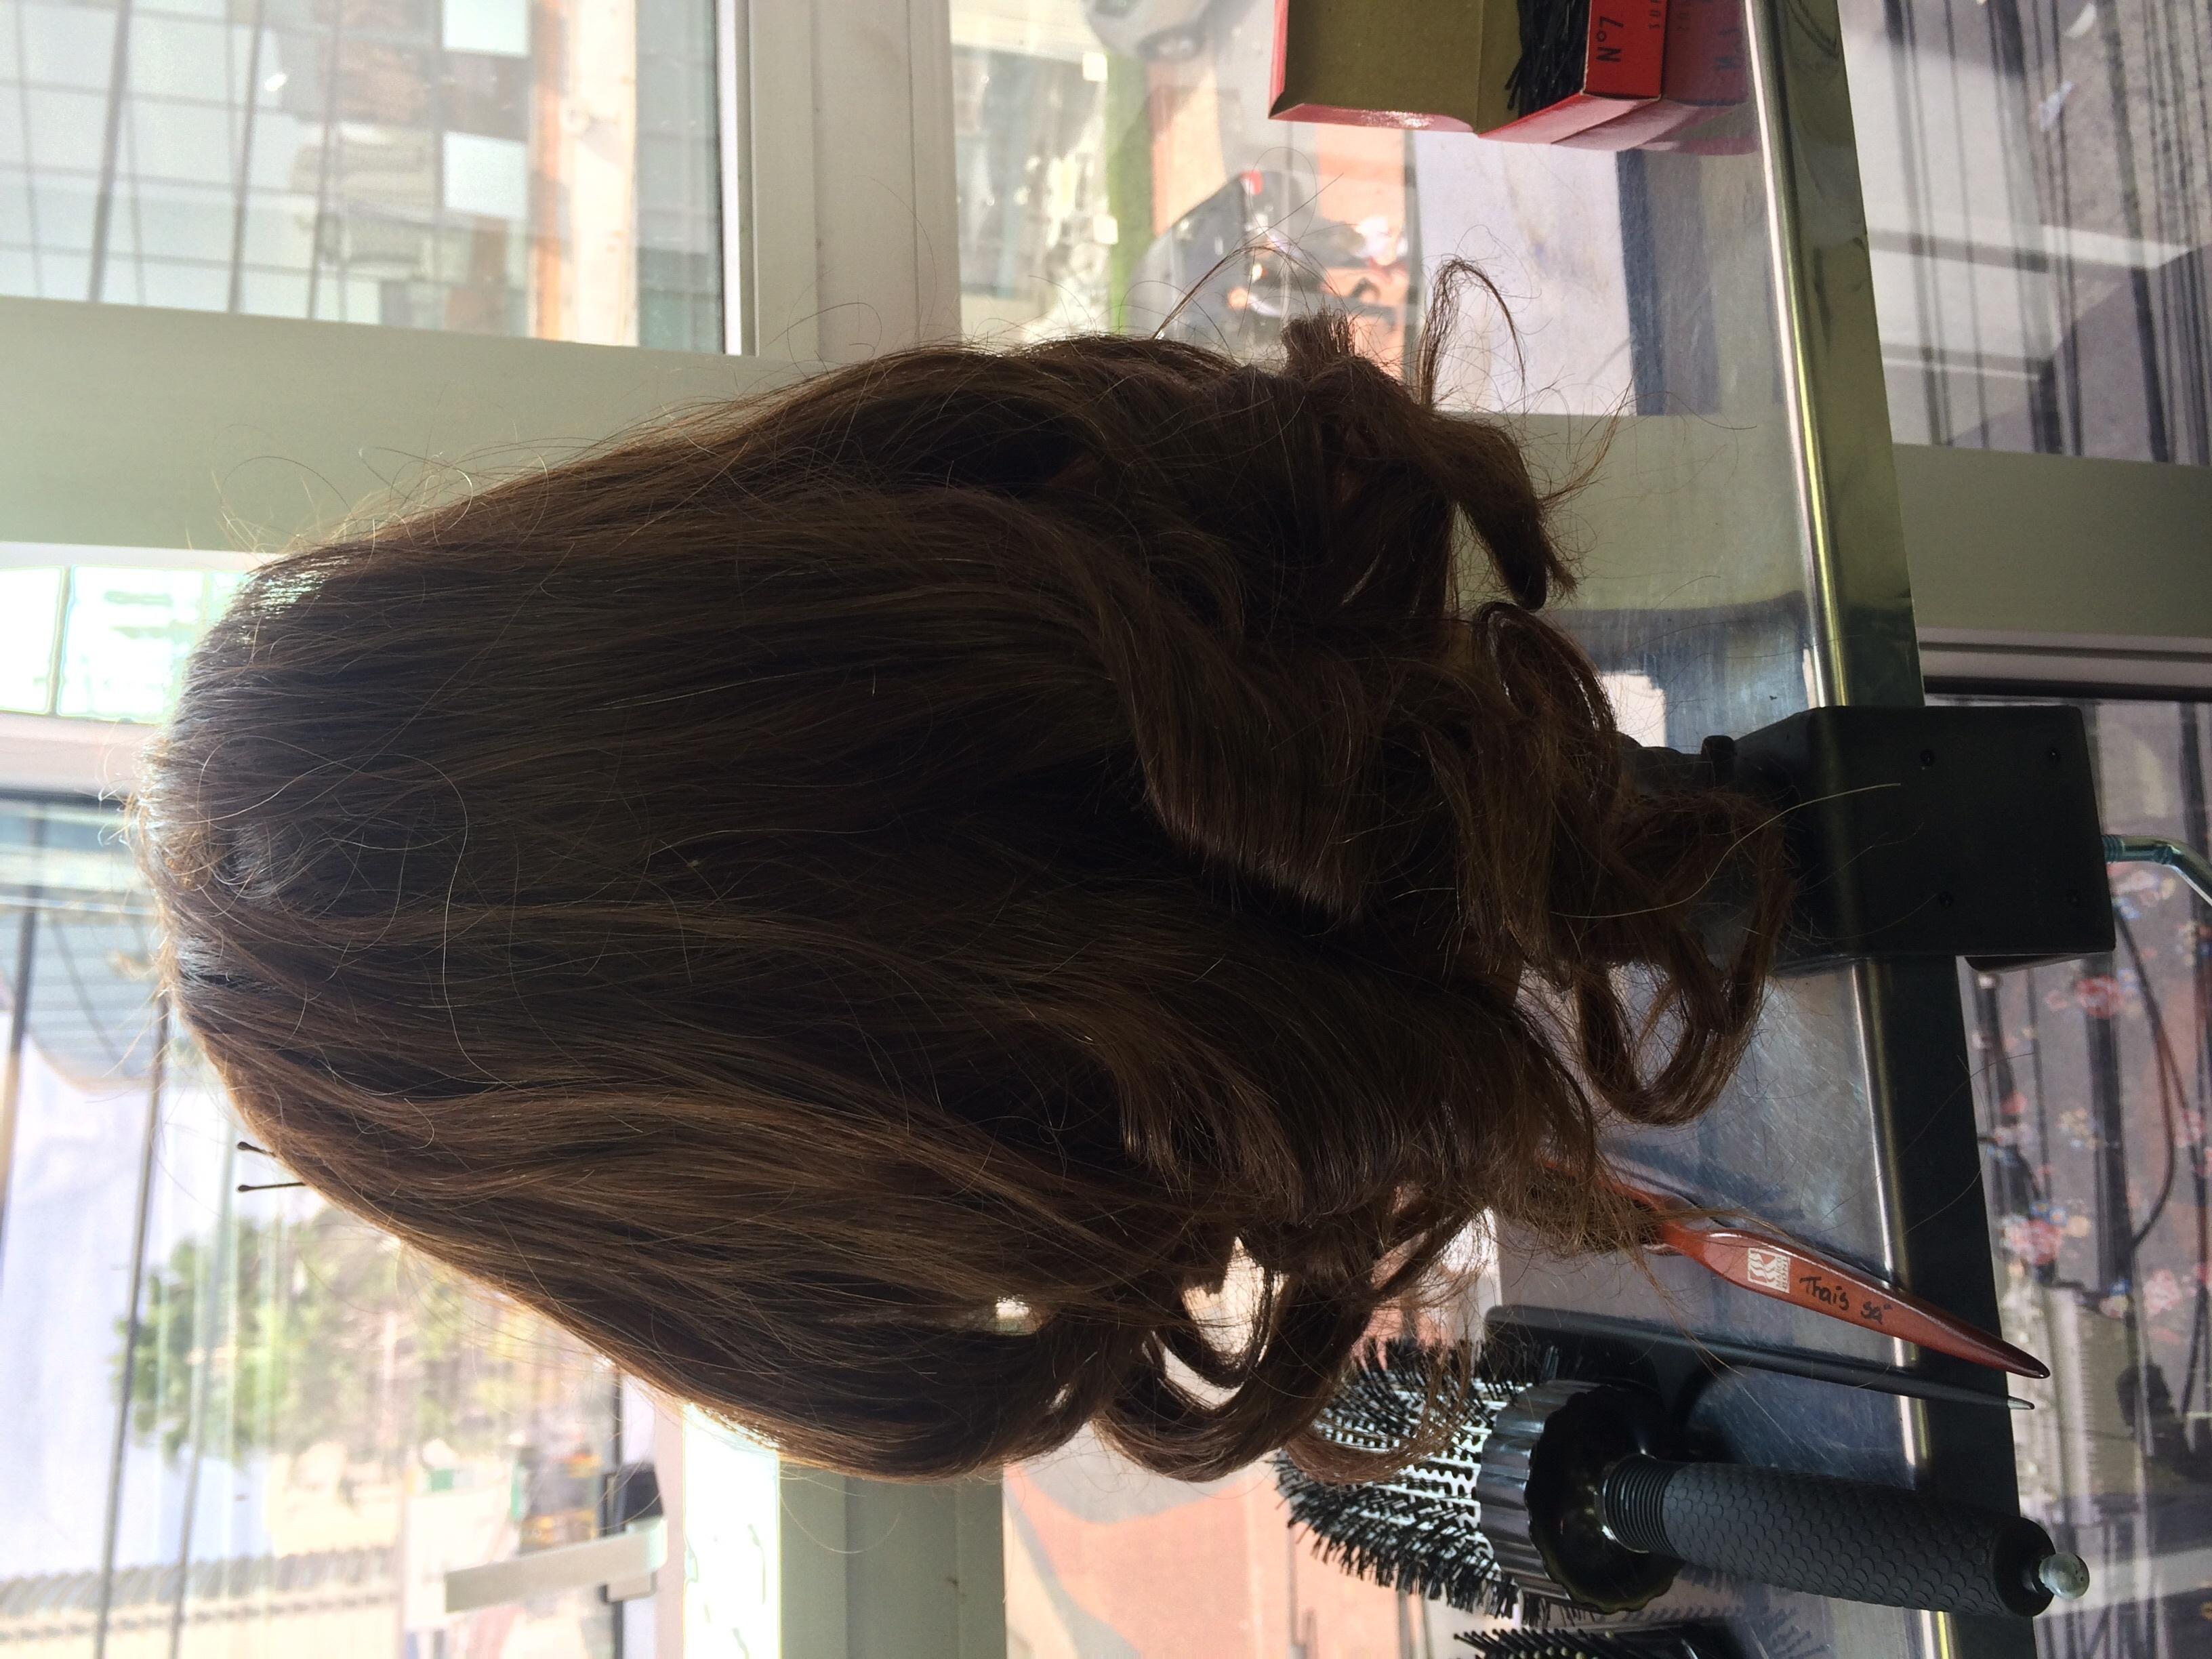 Cabelo finalizado com rolinho auxiliar cabeleireiro(a)